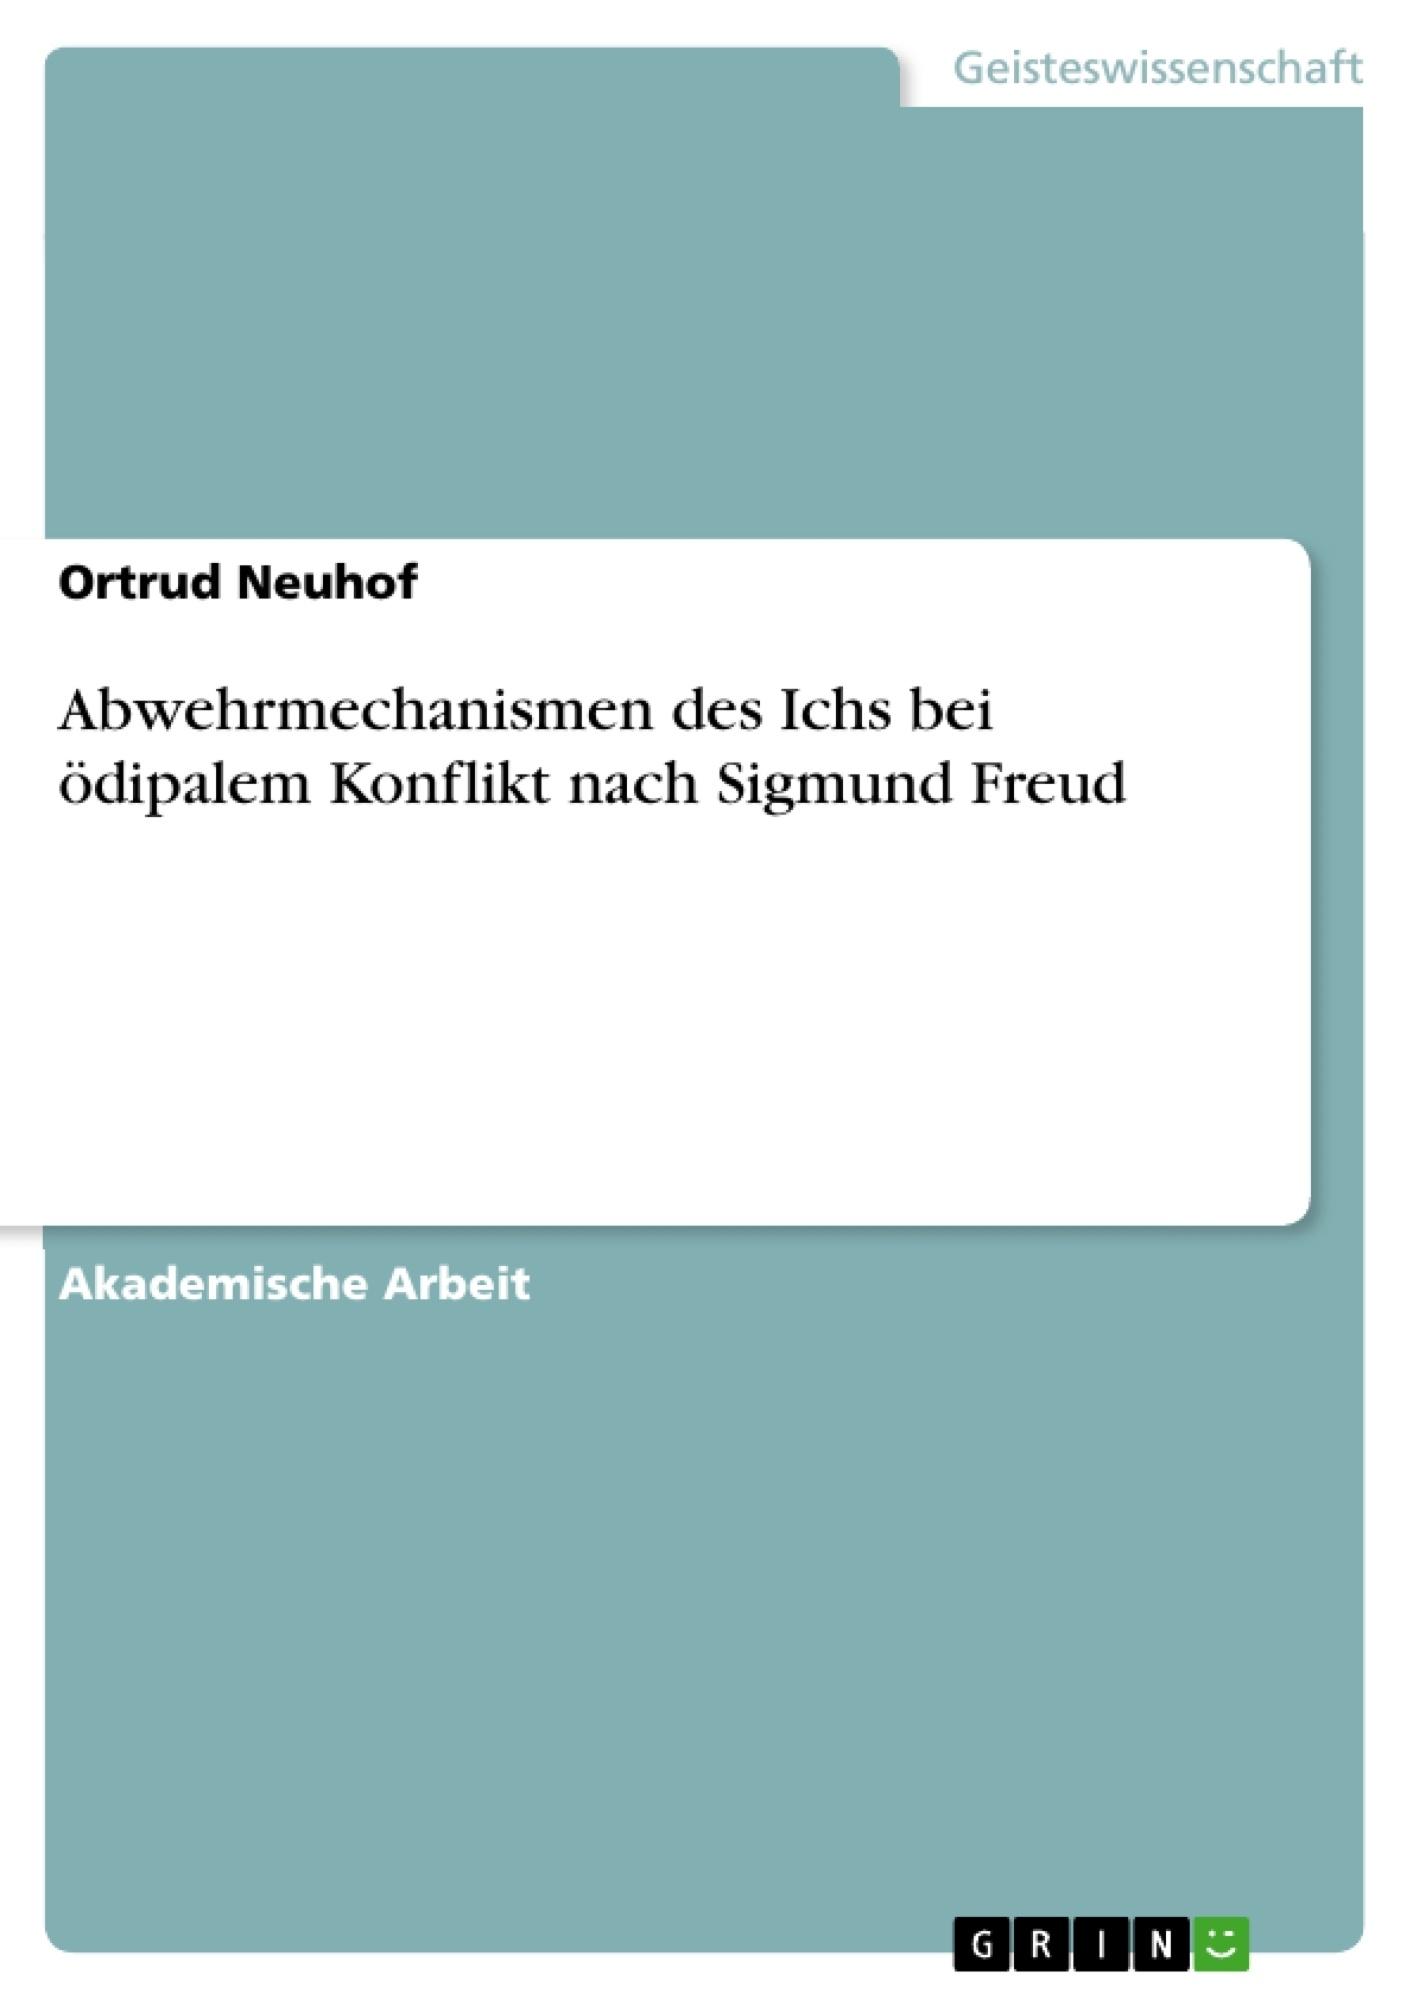 Titel: Abwehrmechanismen des Ichs bei ödipalem Konflikt nach Sigmund Freud